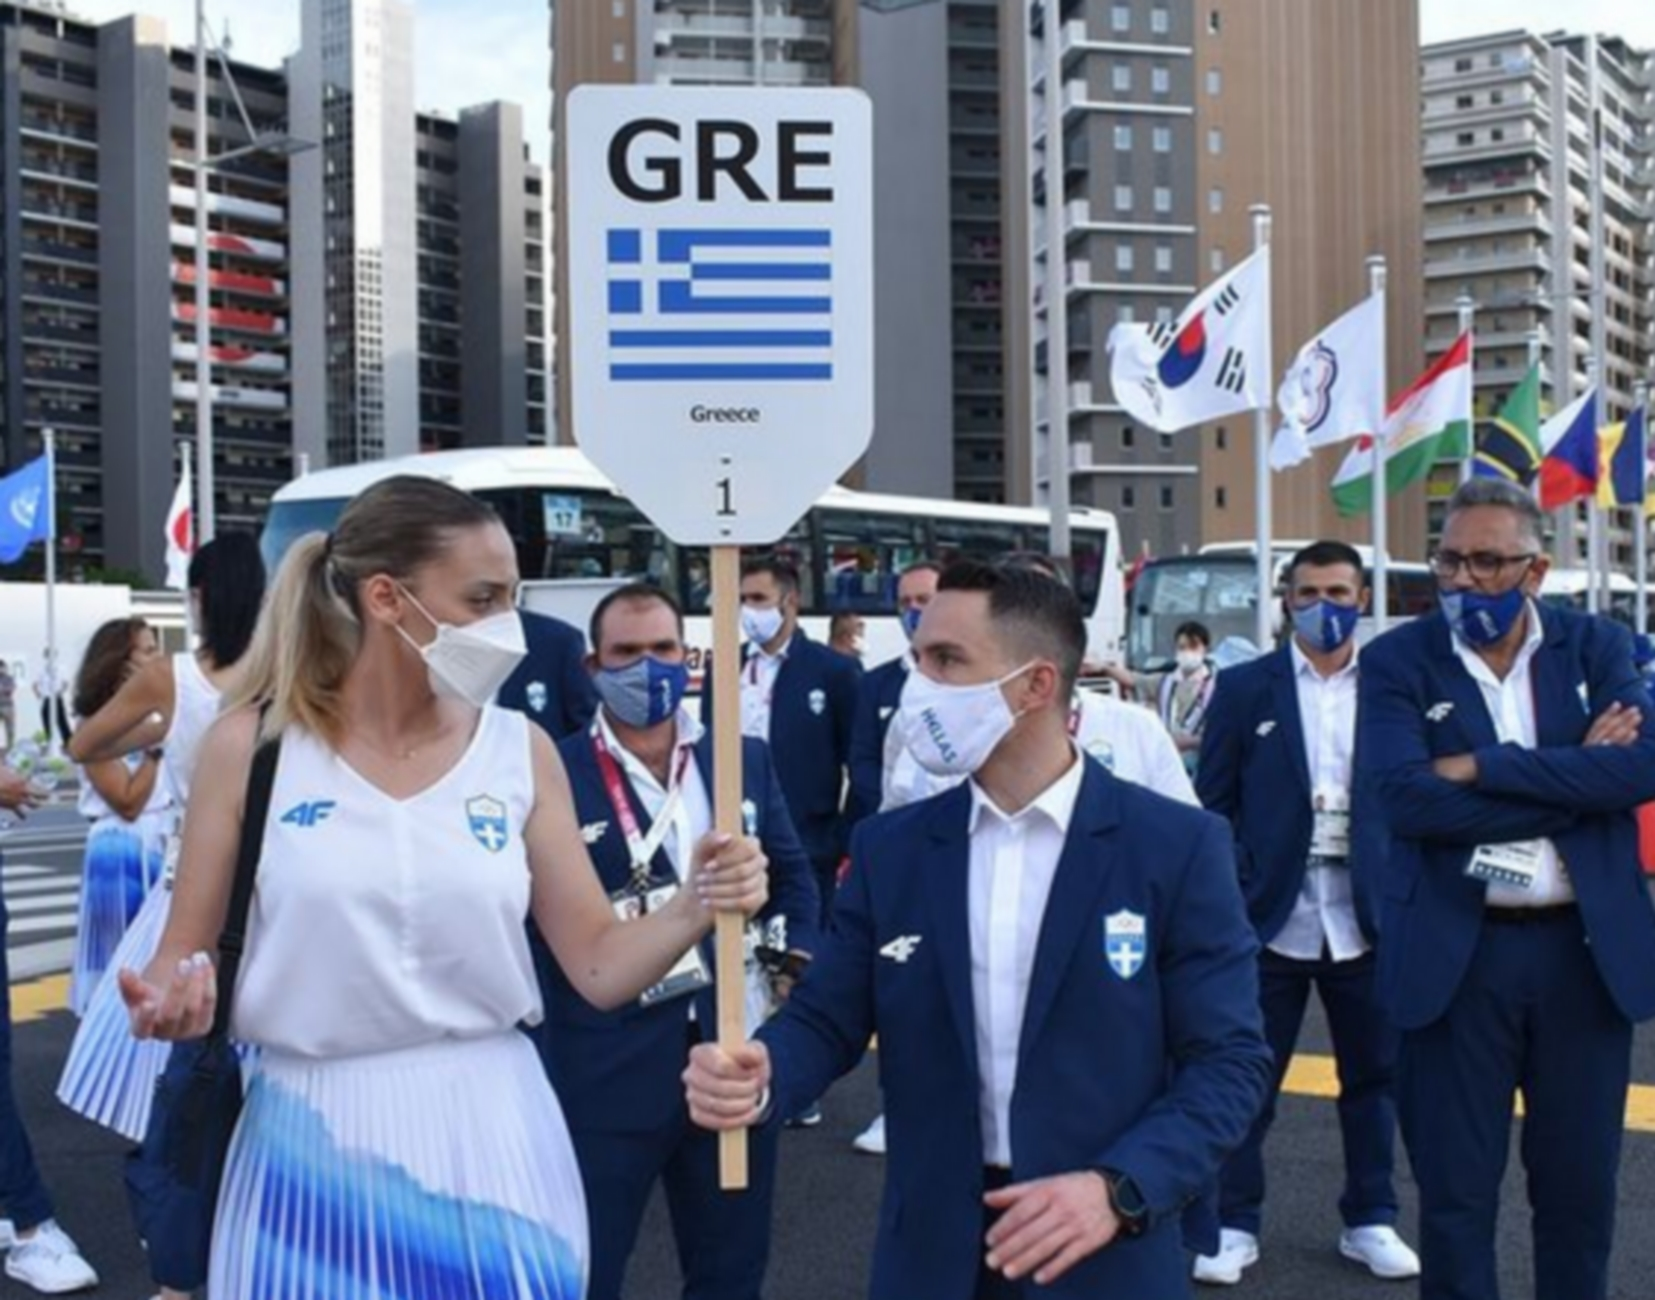 Τελετή έναρξης Ολυμπιακών Αγώνων: Έτοιμη η ελληνική αποστολή με Πετρούνια και Κορακάκη